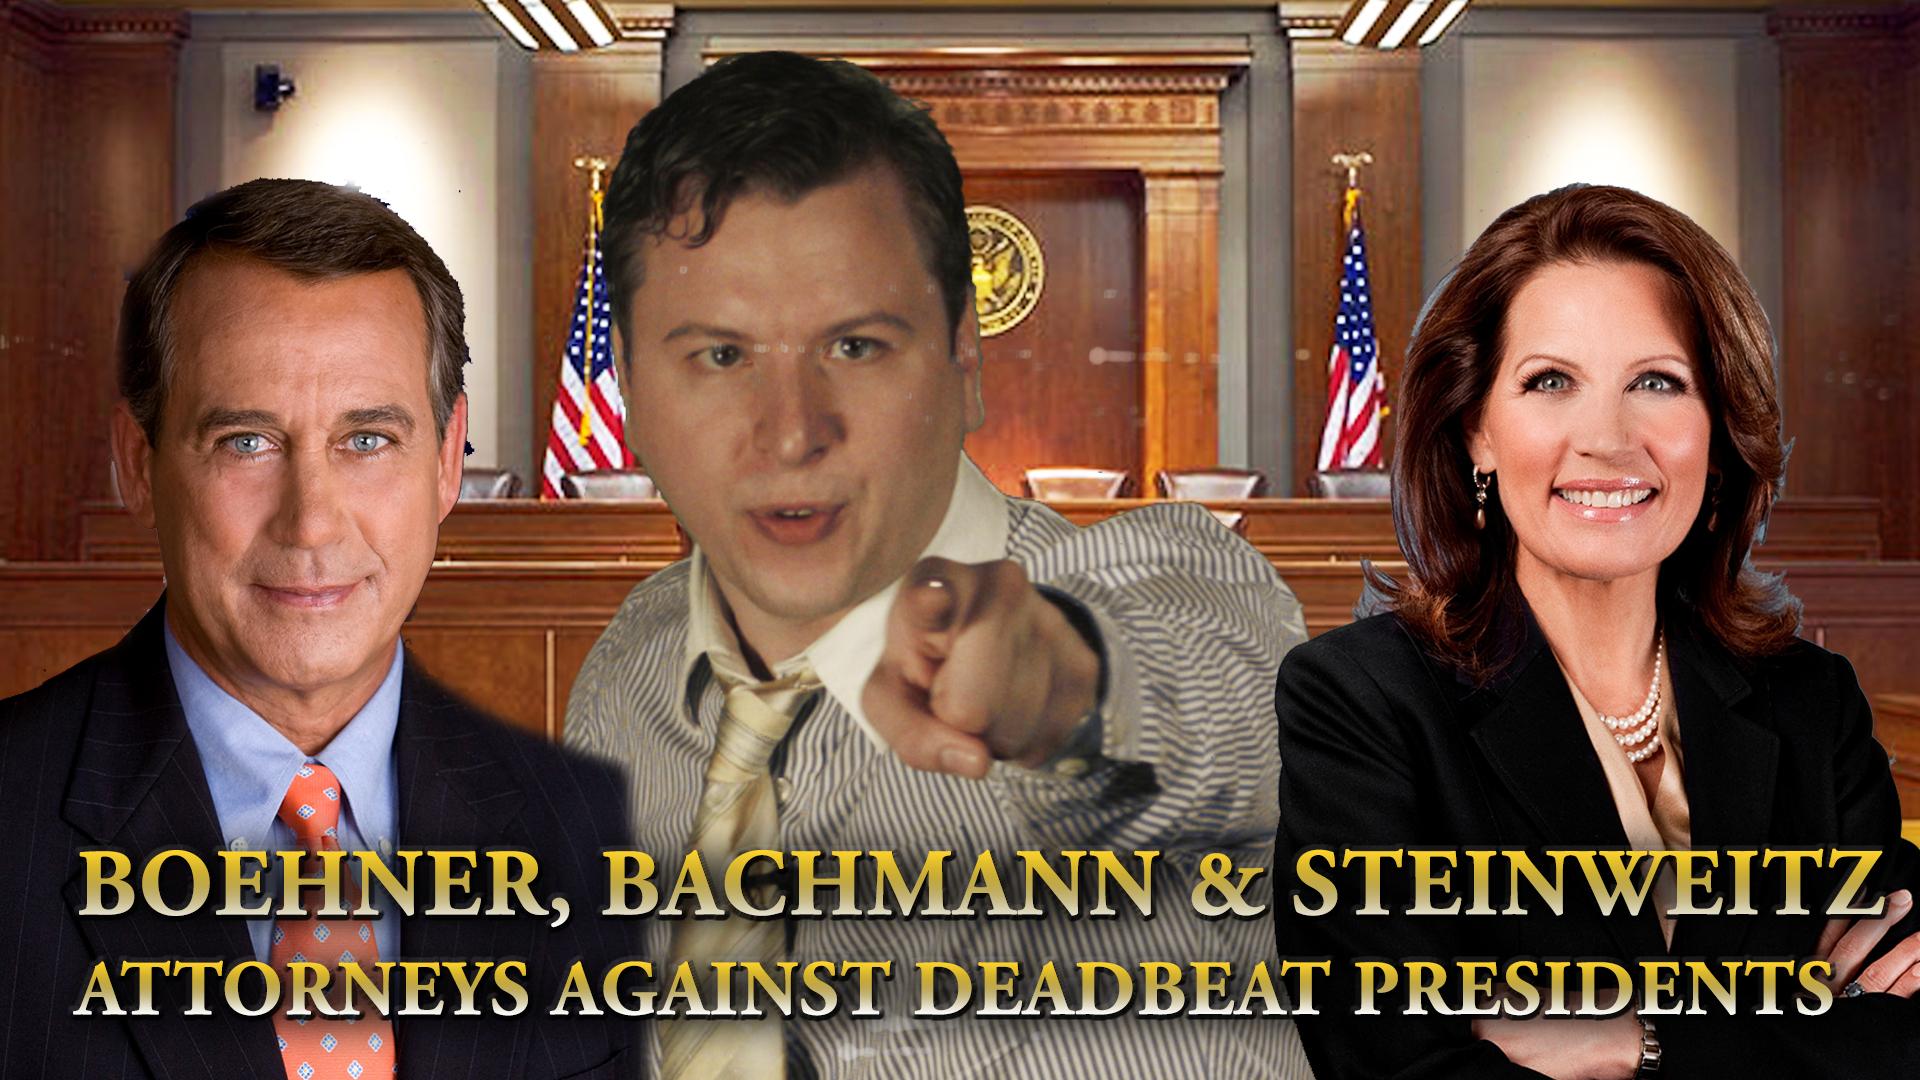 Boehner, Bachmann & Steinweitz, Attorneys Against Deadbeat Presidents